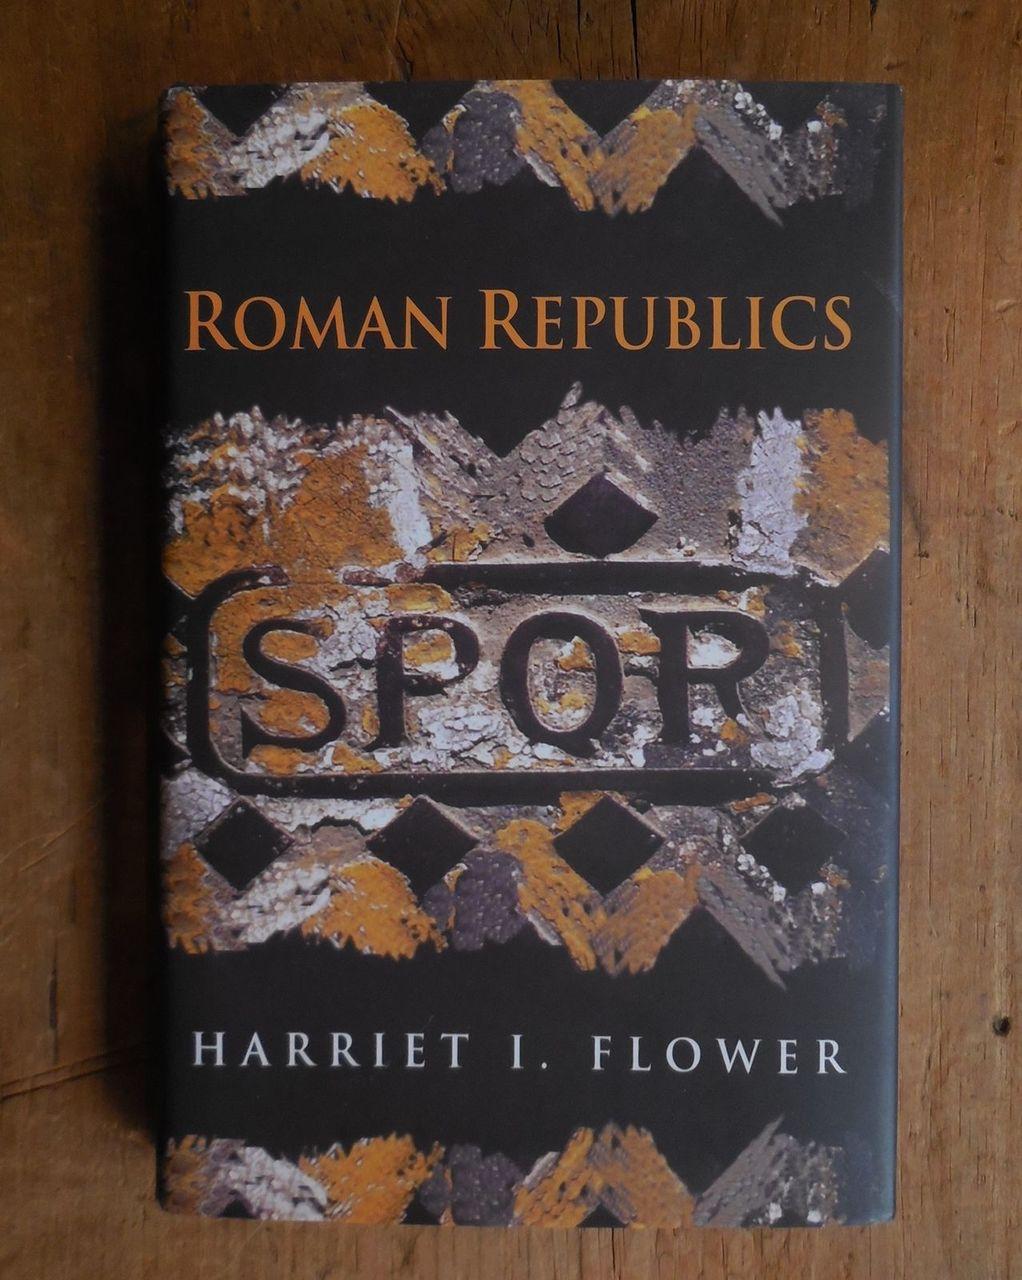 ROMAN REPUBLICS, by Harriet I. Flower - 2009